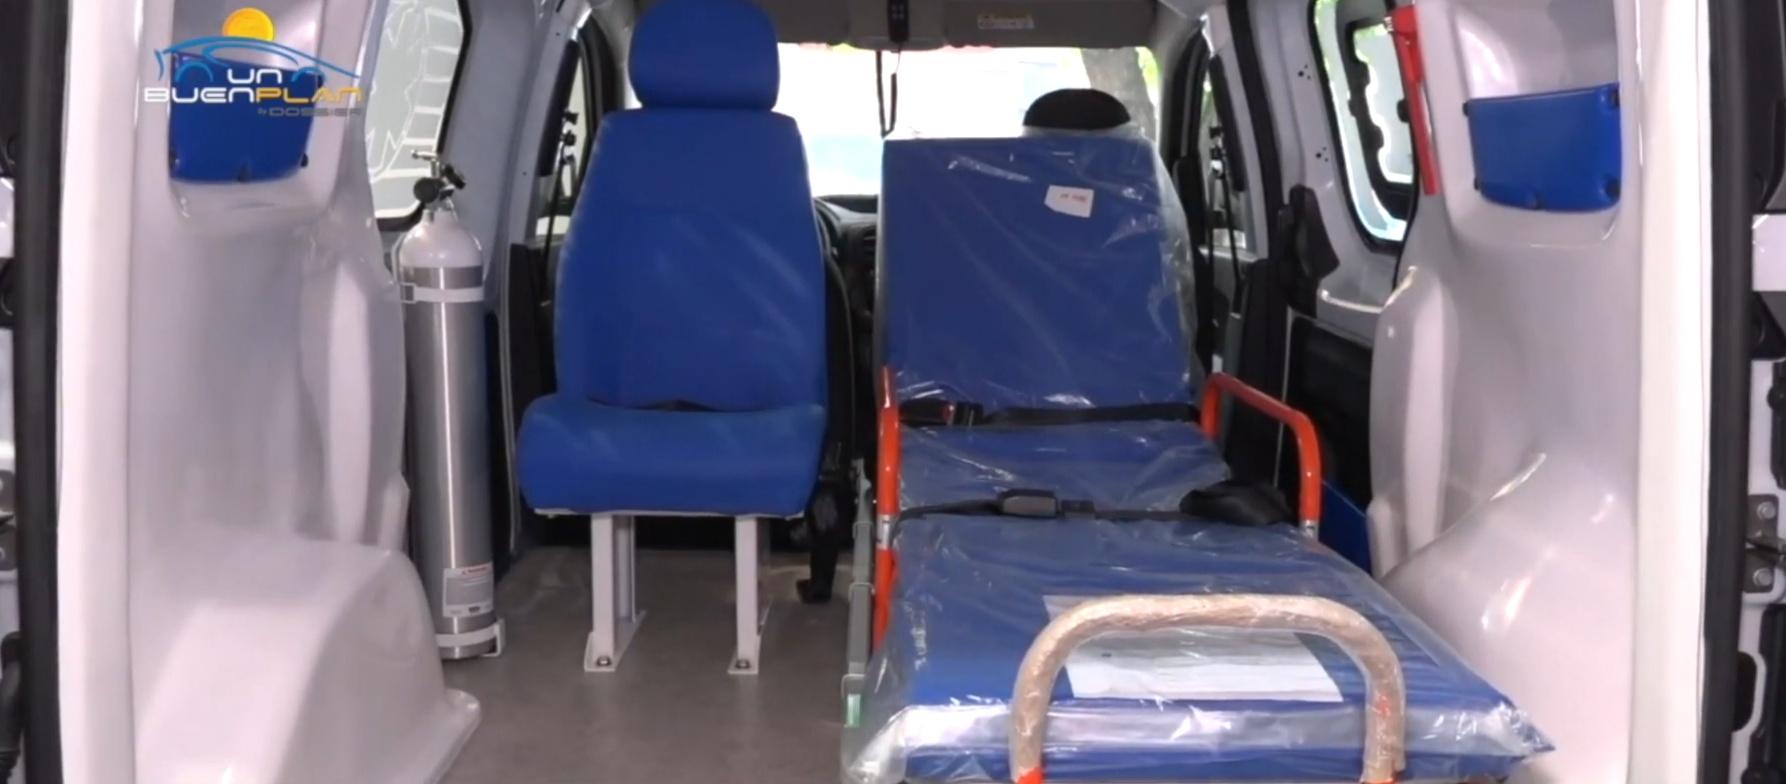 Renault Kangoo Unidad Traslado no Asistencial - Imagen de Referencia